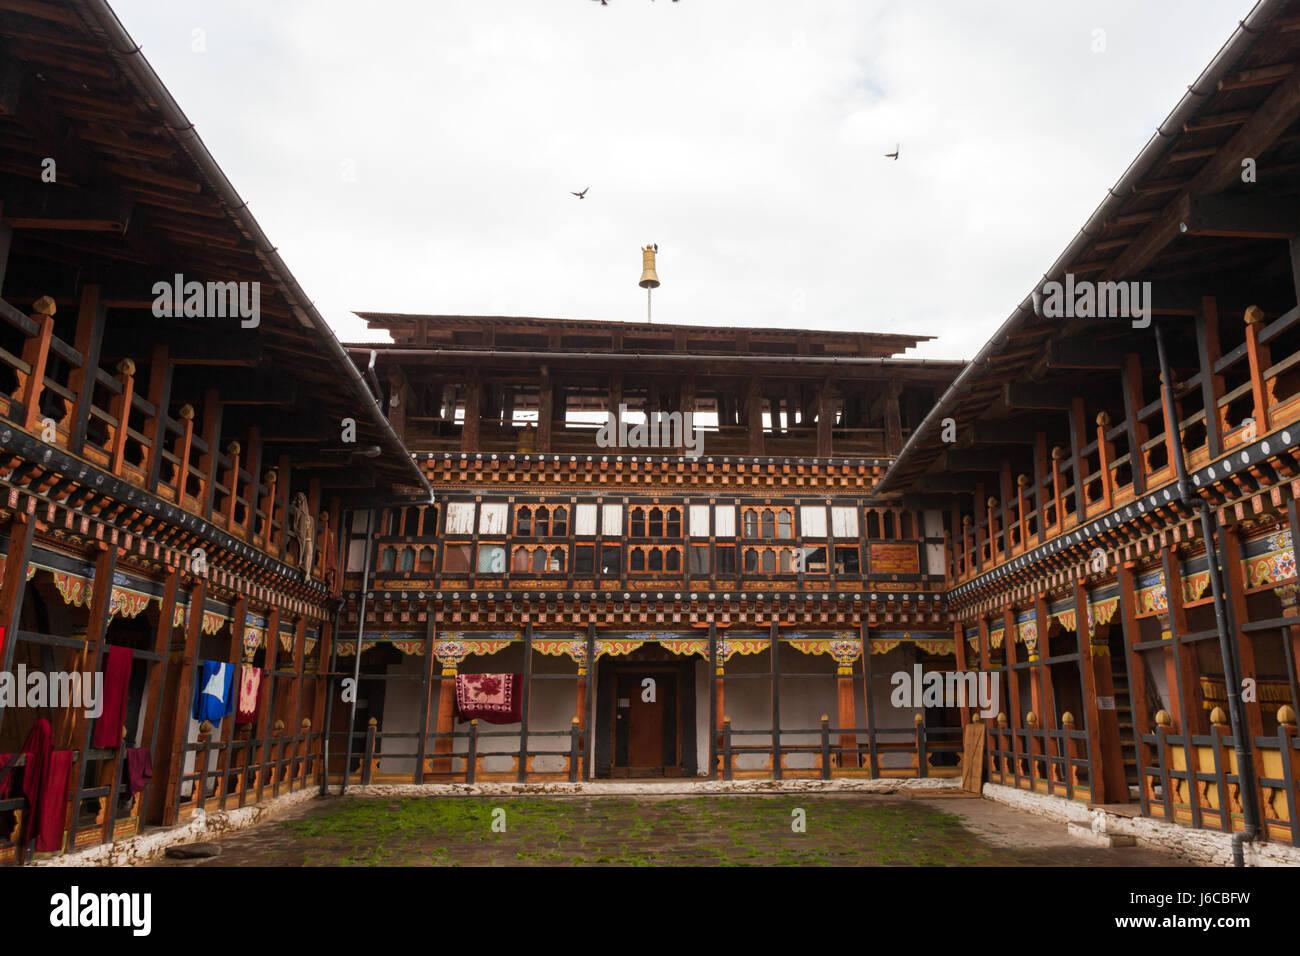 Bumthang in Bhutan - Stock Image